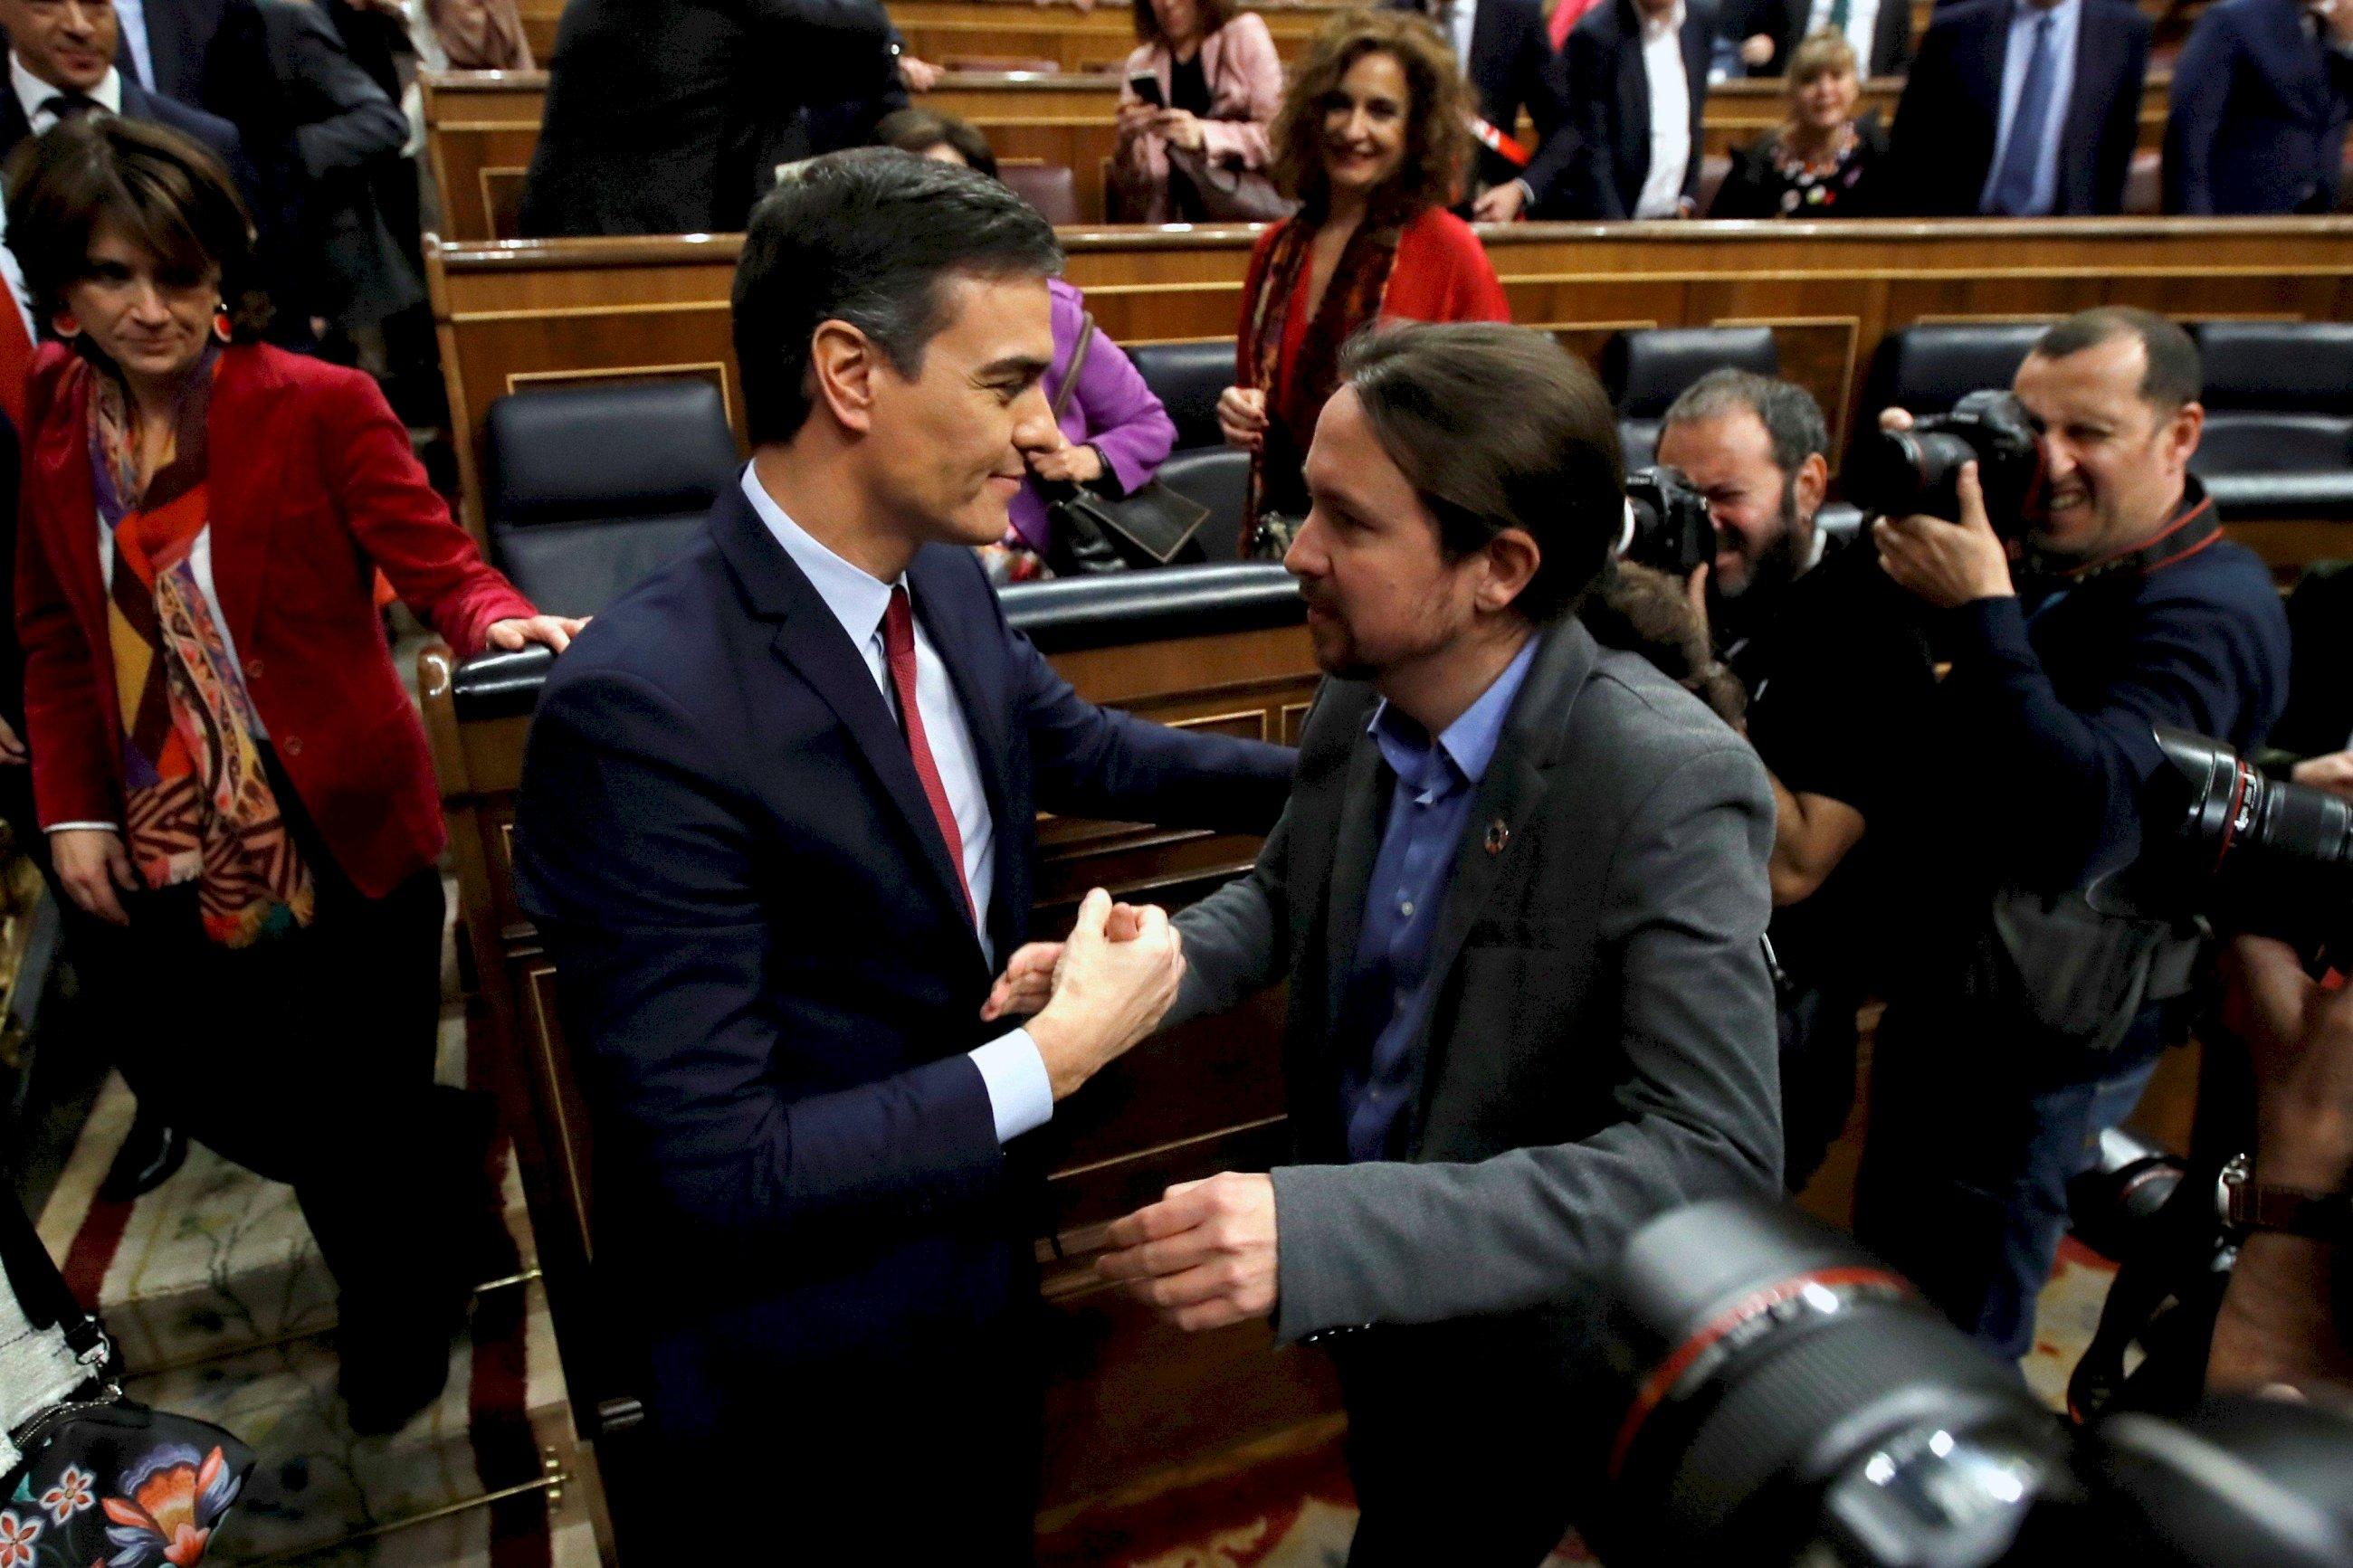 El presidente del Gobierno, Pedro Sánchez, junto a Pablo Iglesias en el Congreso de los Diputados en la sesión de investidura en enero de 2020 / EFE